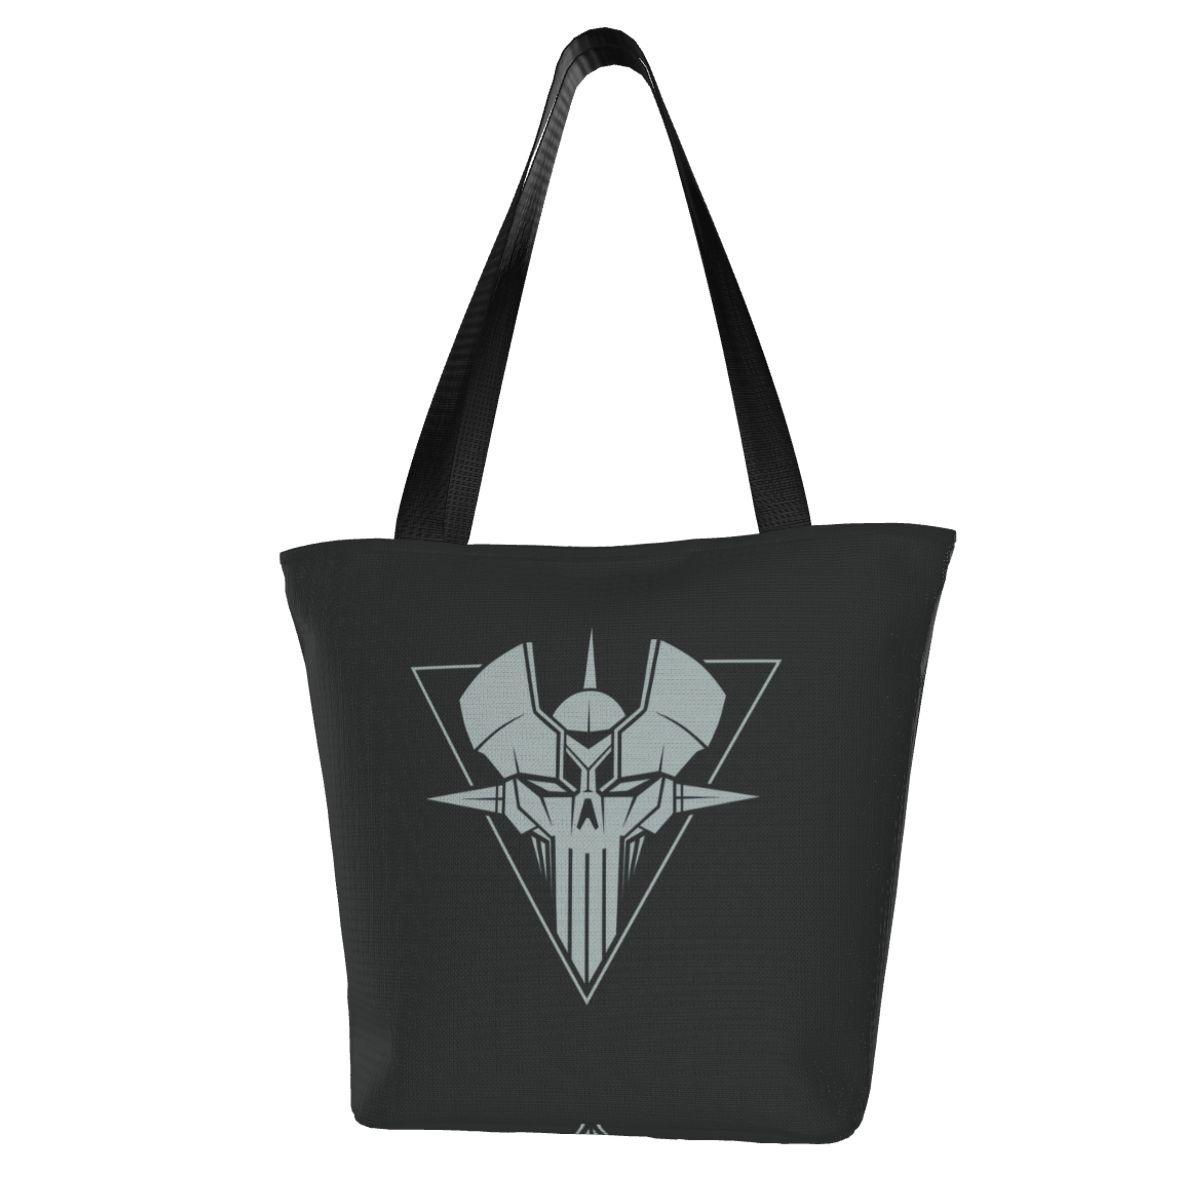 Сумка для покупок Mazinger Z, рабочая женская сумка, оптом, многоразовые Полиэстеровые сумки